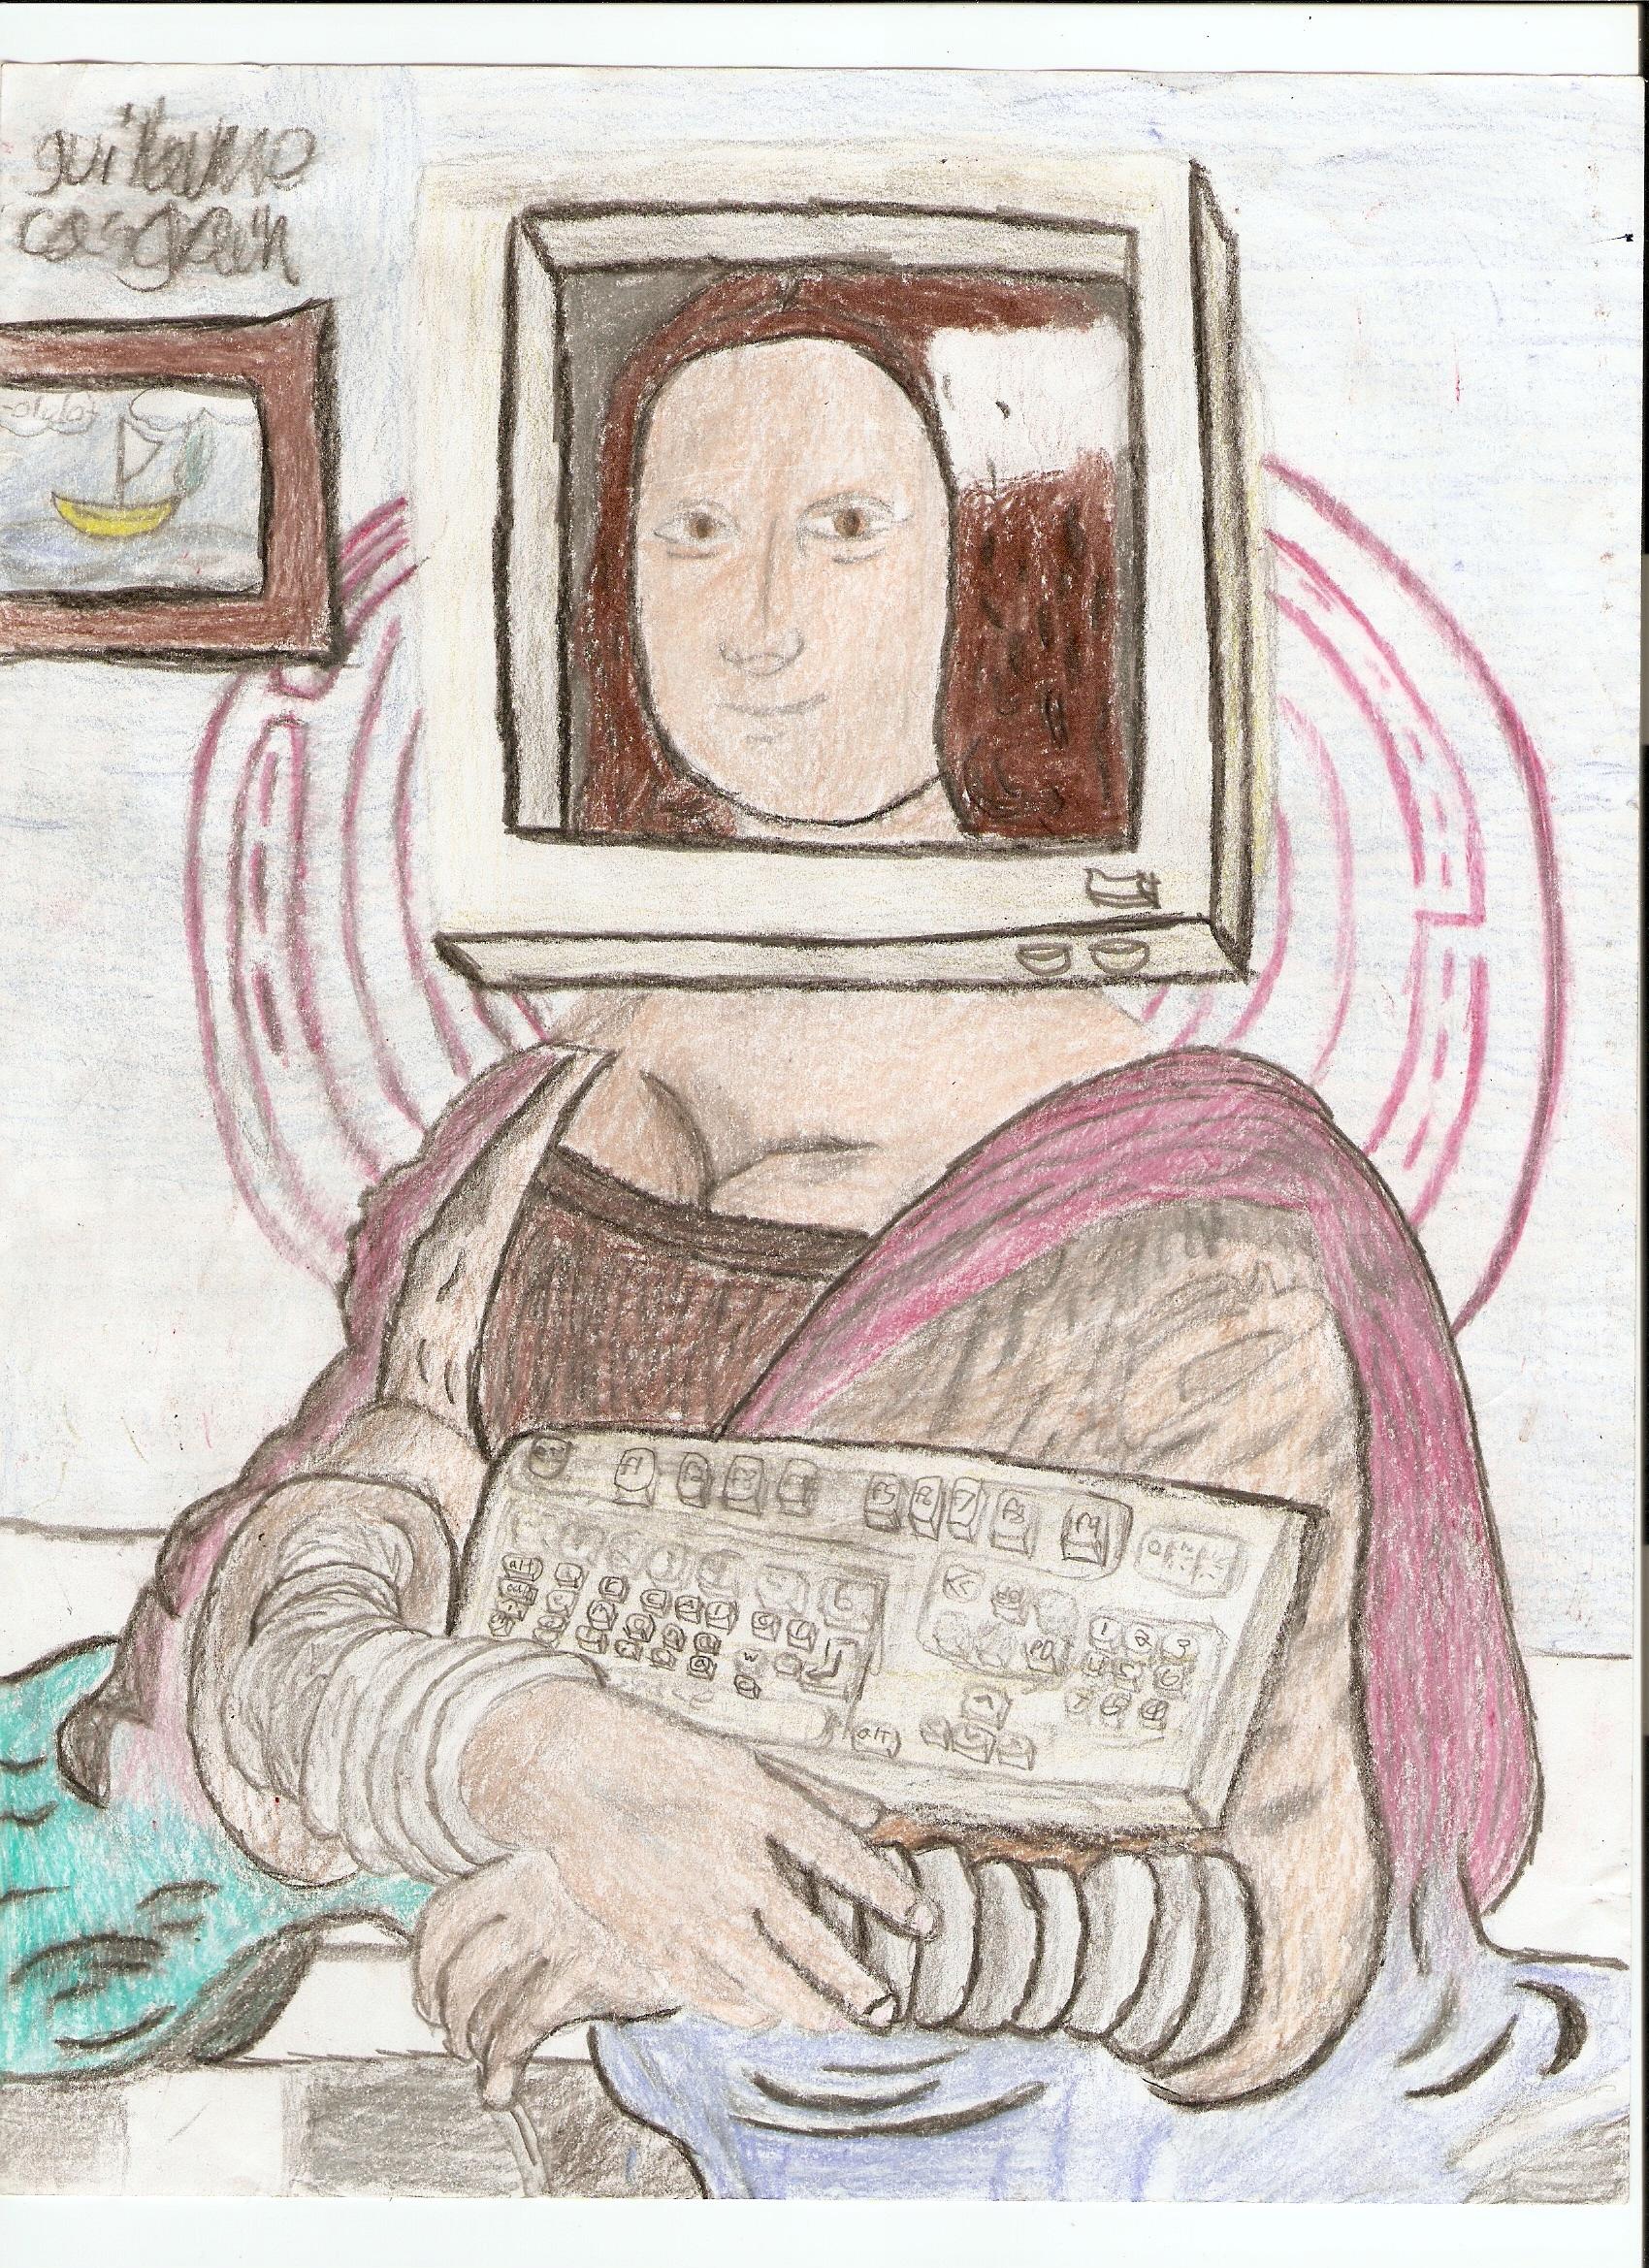 Mona Lisa remake